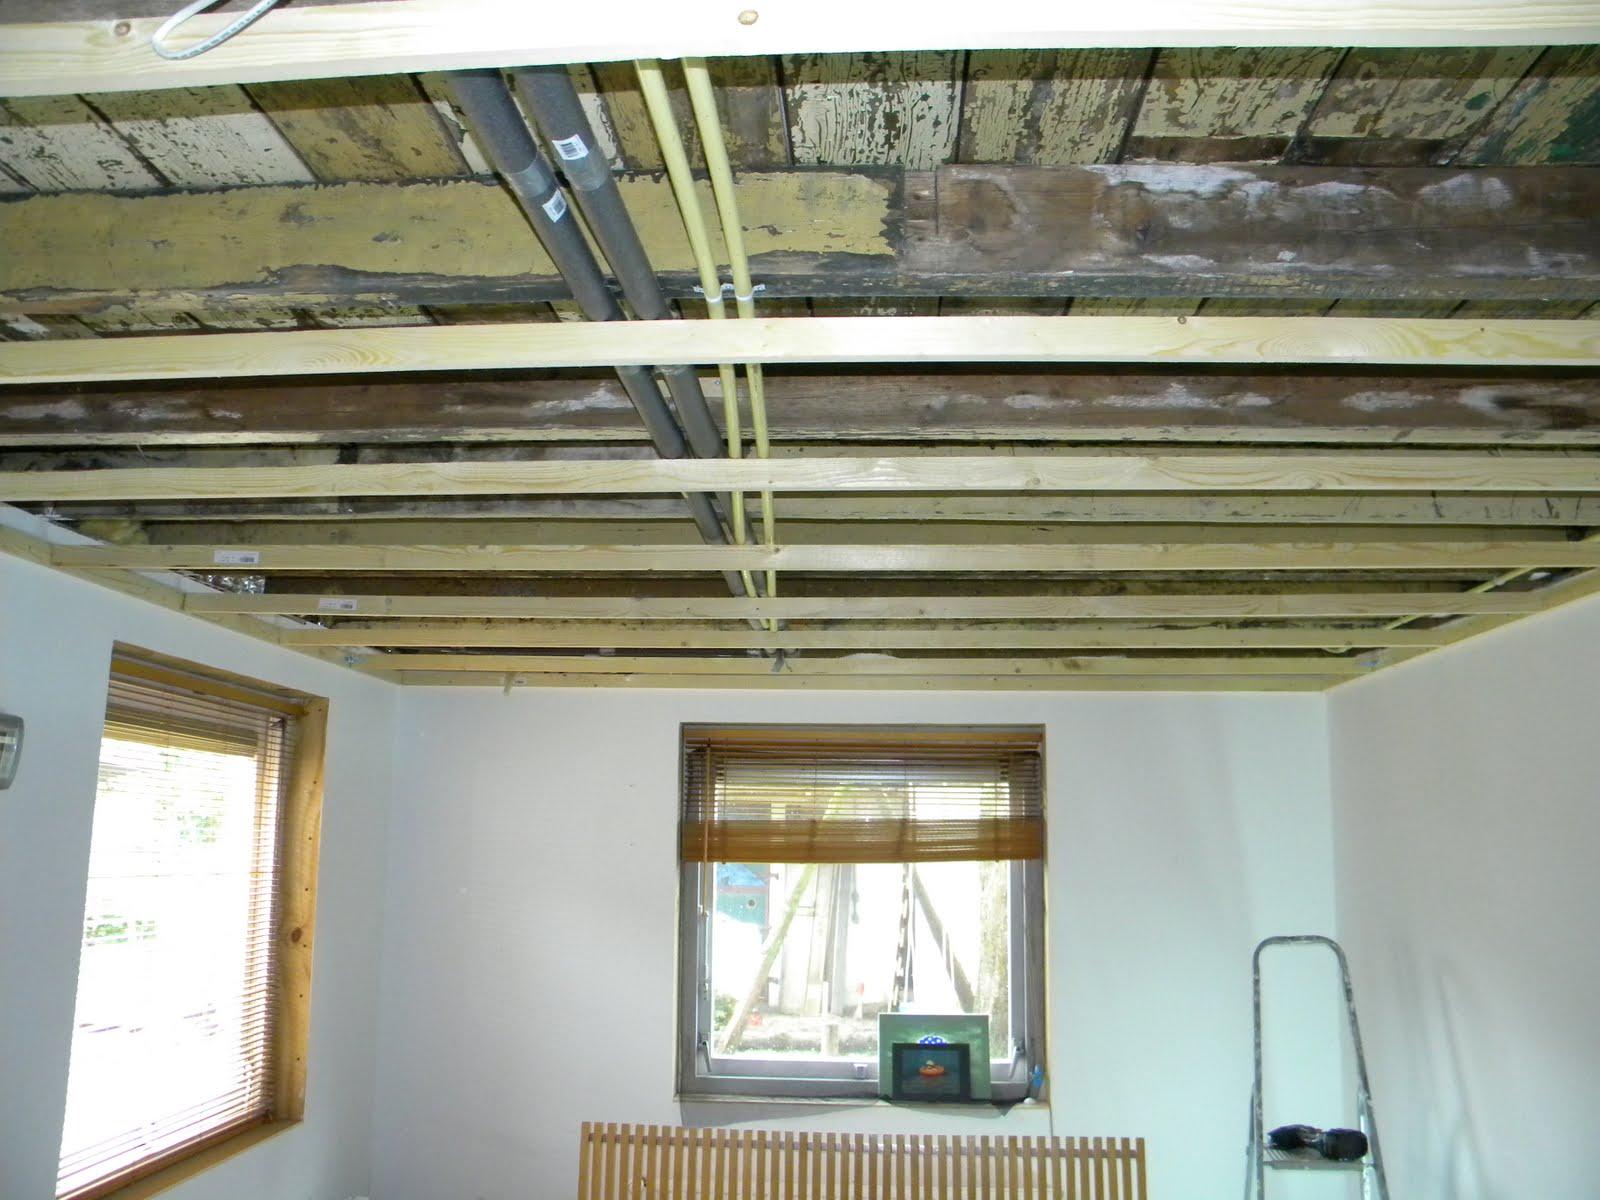 millingen a/d rijn klussen & wonen: nog meer plafond logeerkamer, Deco ideeën